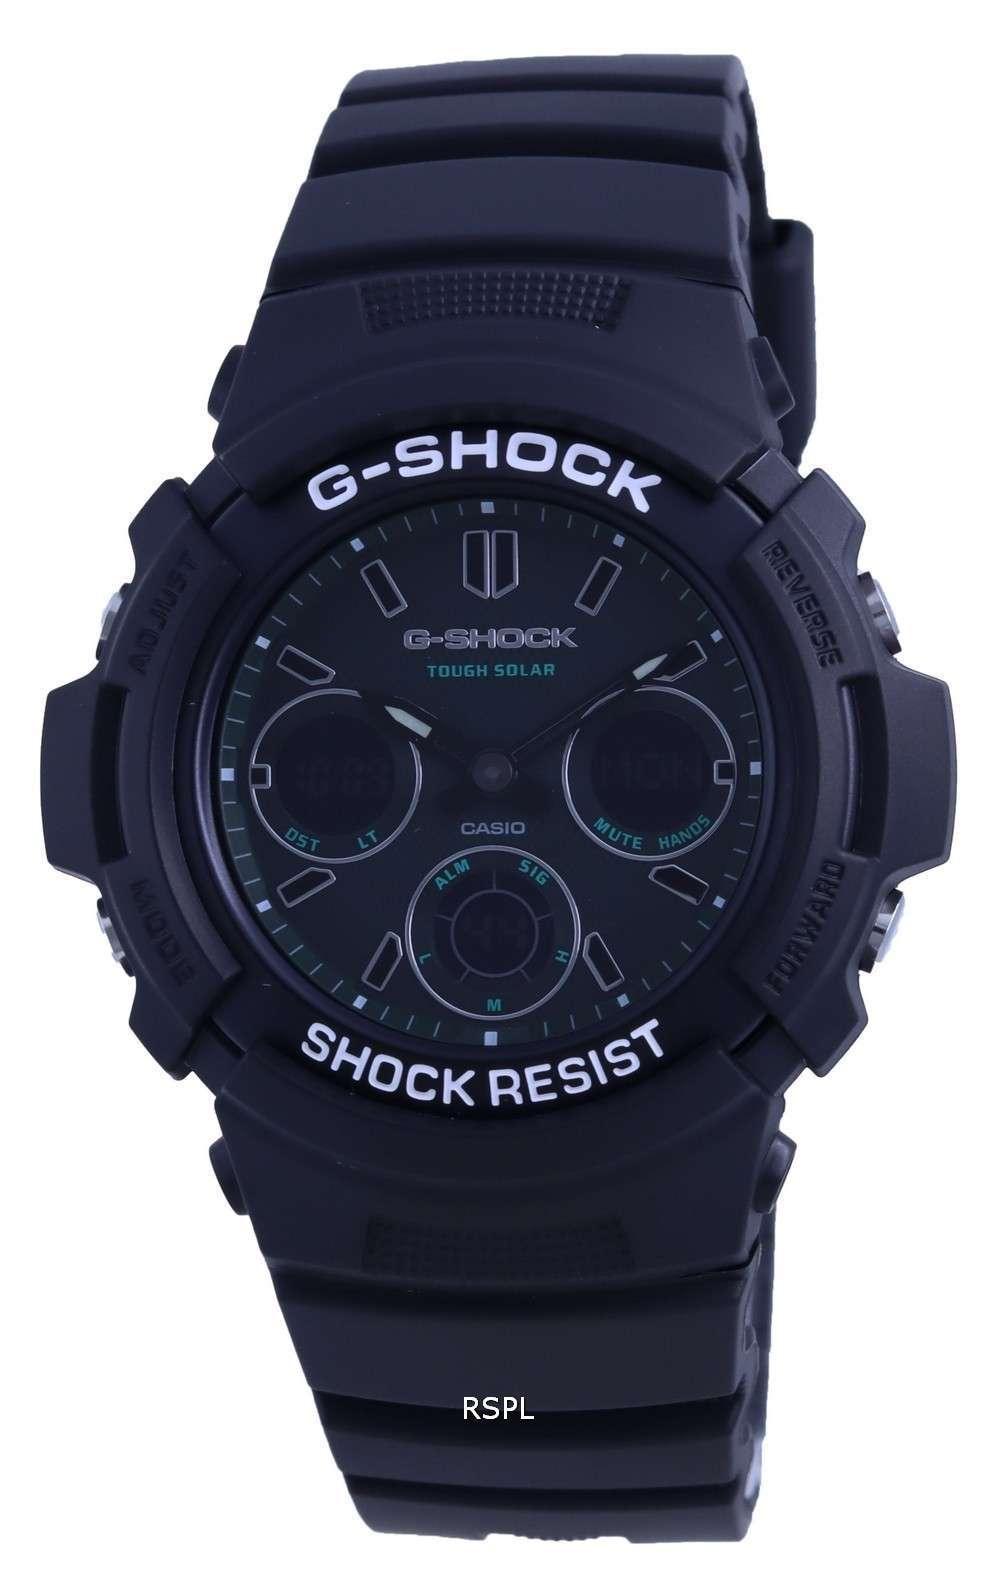 Reloj Casio G-Shock Special Color Analógico Digital Tough Solar AWR-M100SMG-1A AWRM100SMG-1 200M para hombre